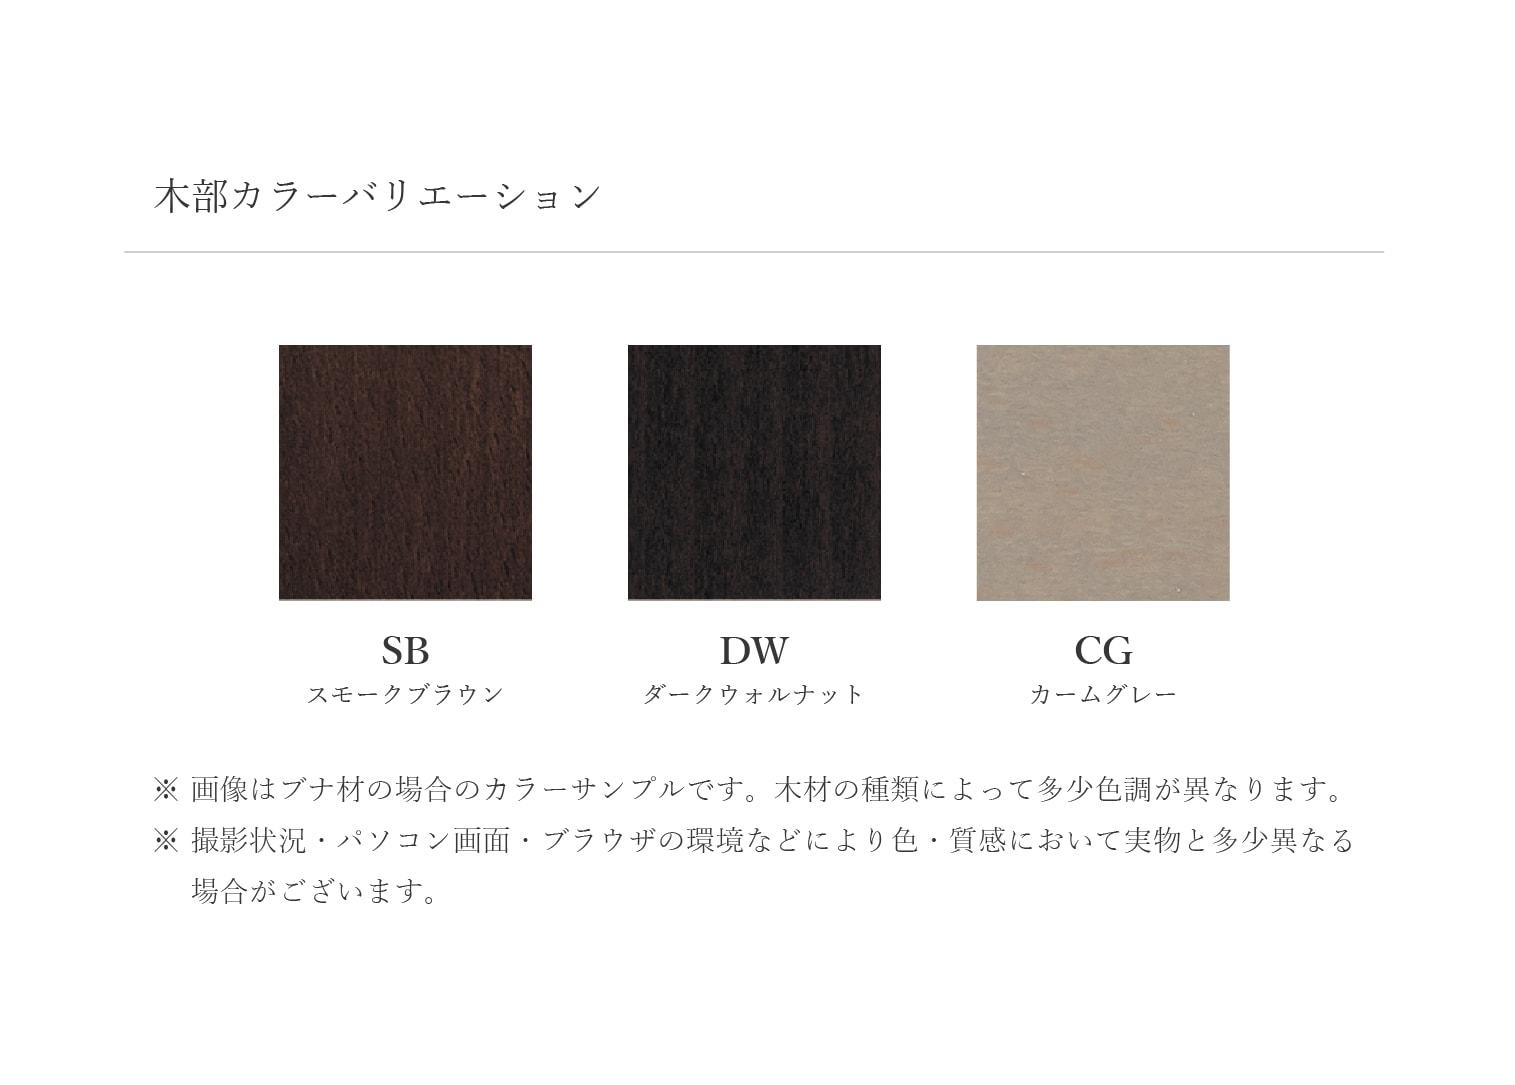 VD-1 木部カラー